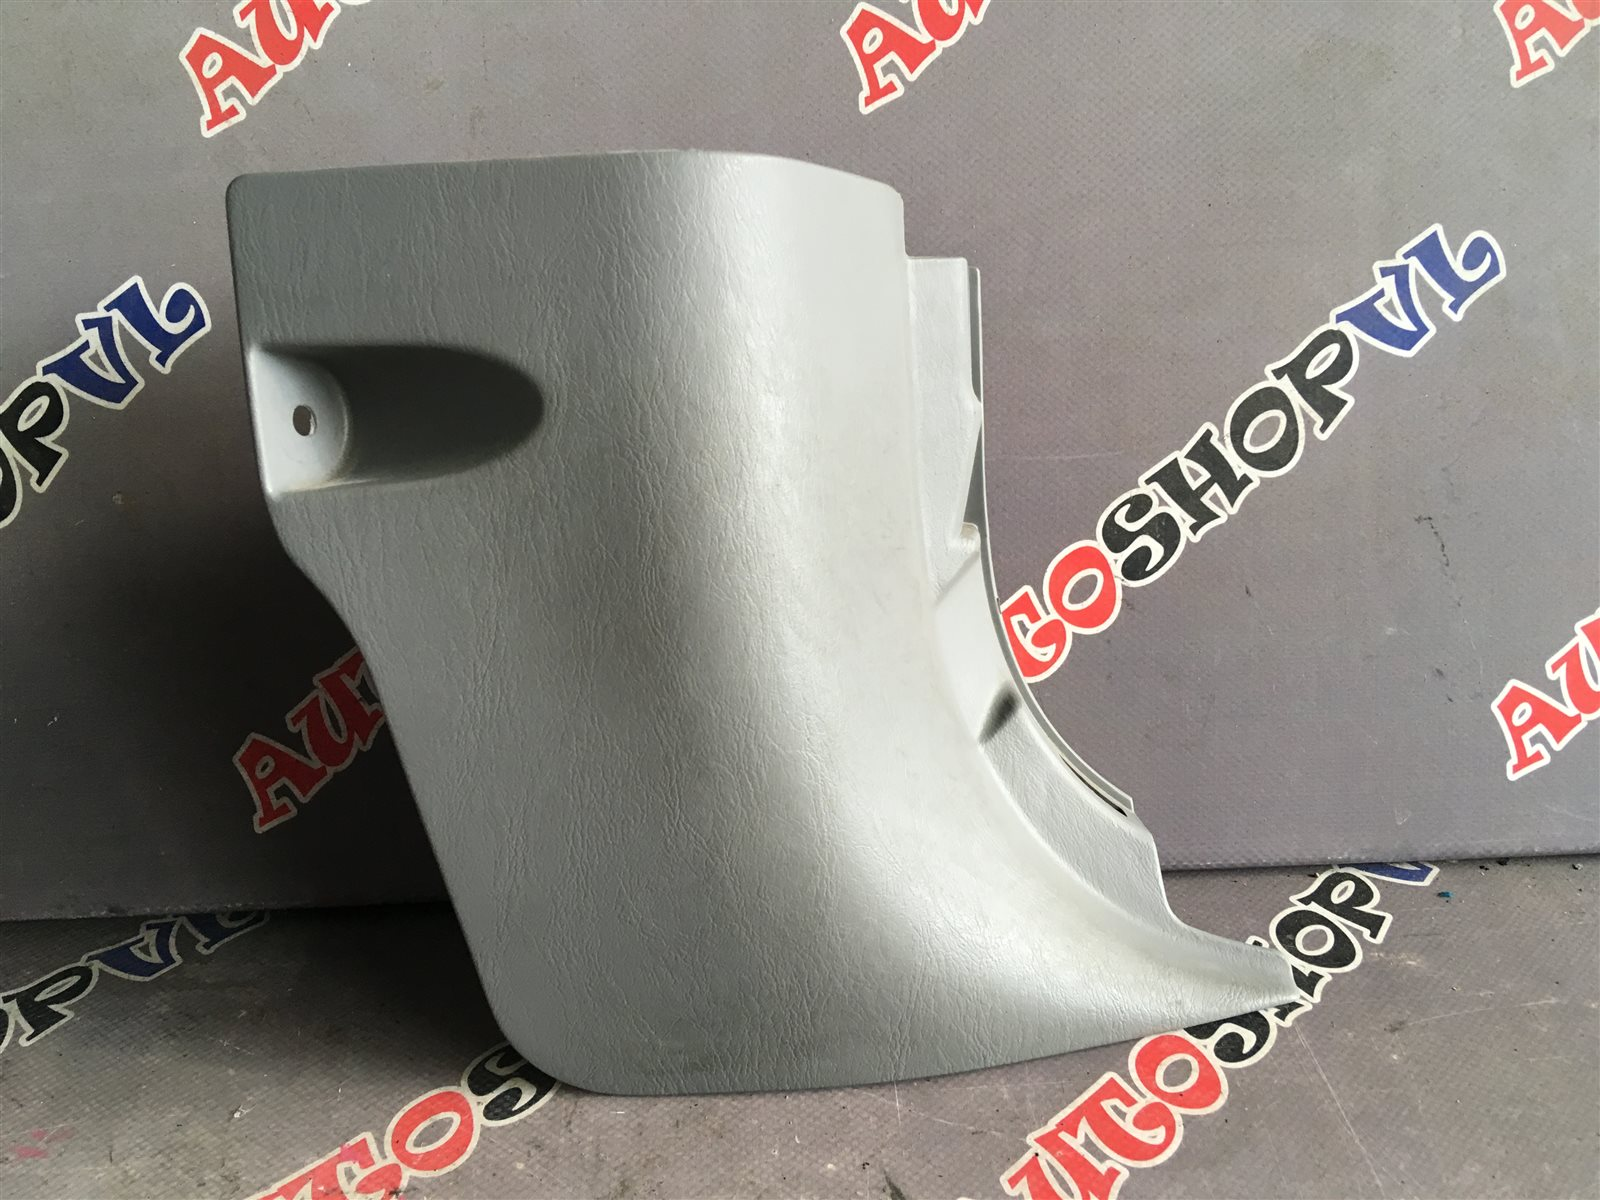 Обшивка салона передняя правая TOYOTA VISTA ARDEO AZV50 1AZFSE 62101-32090-B0 контрактная